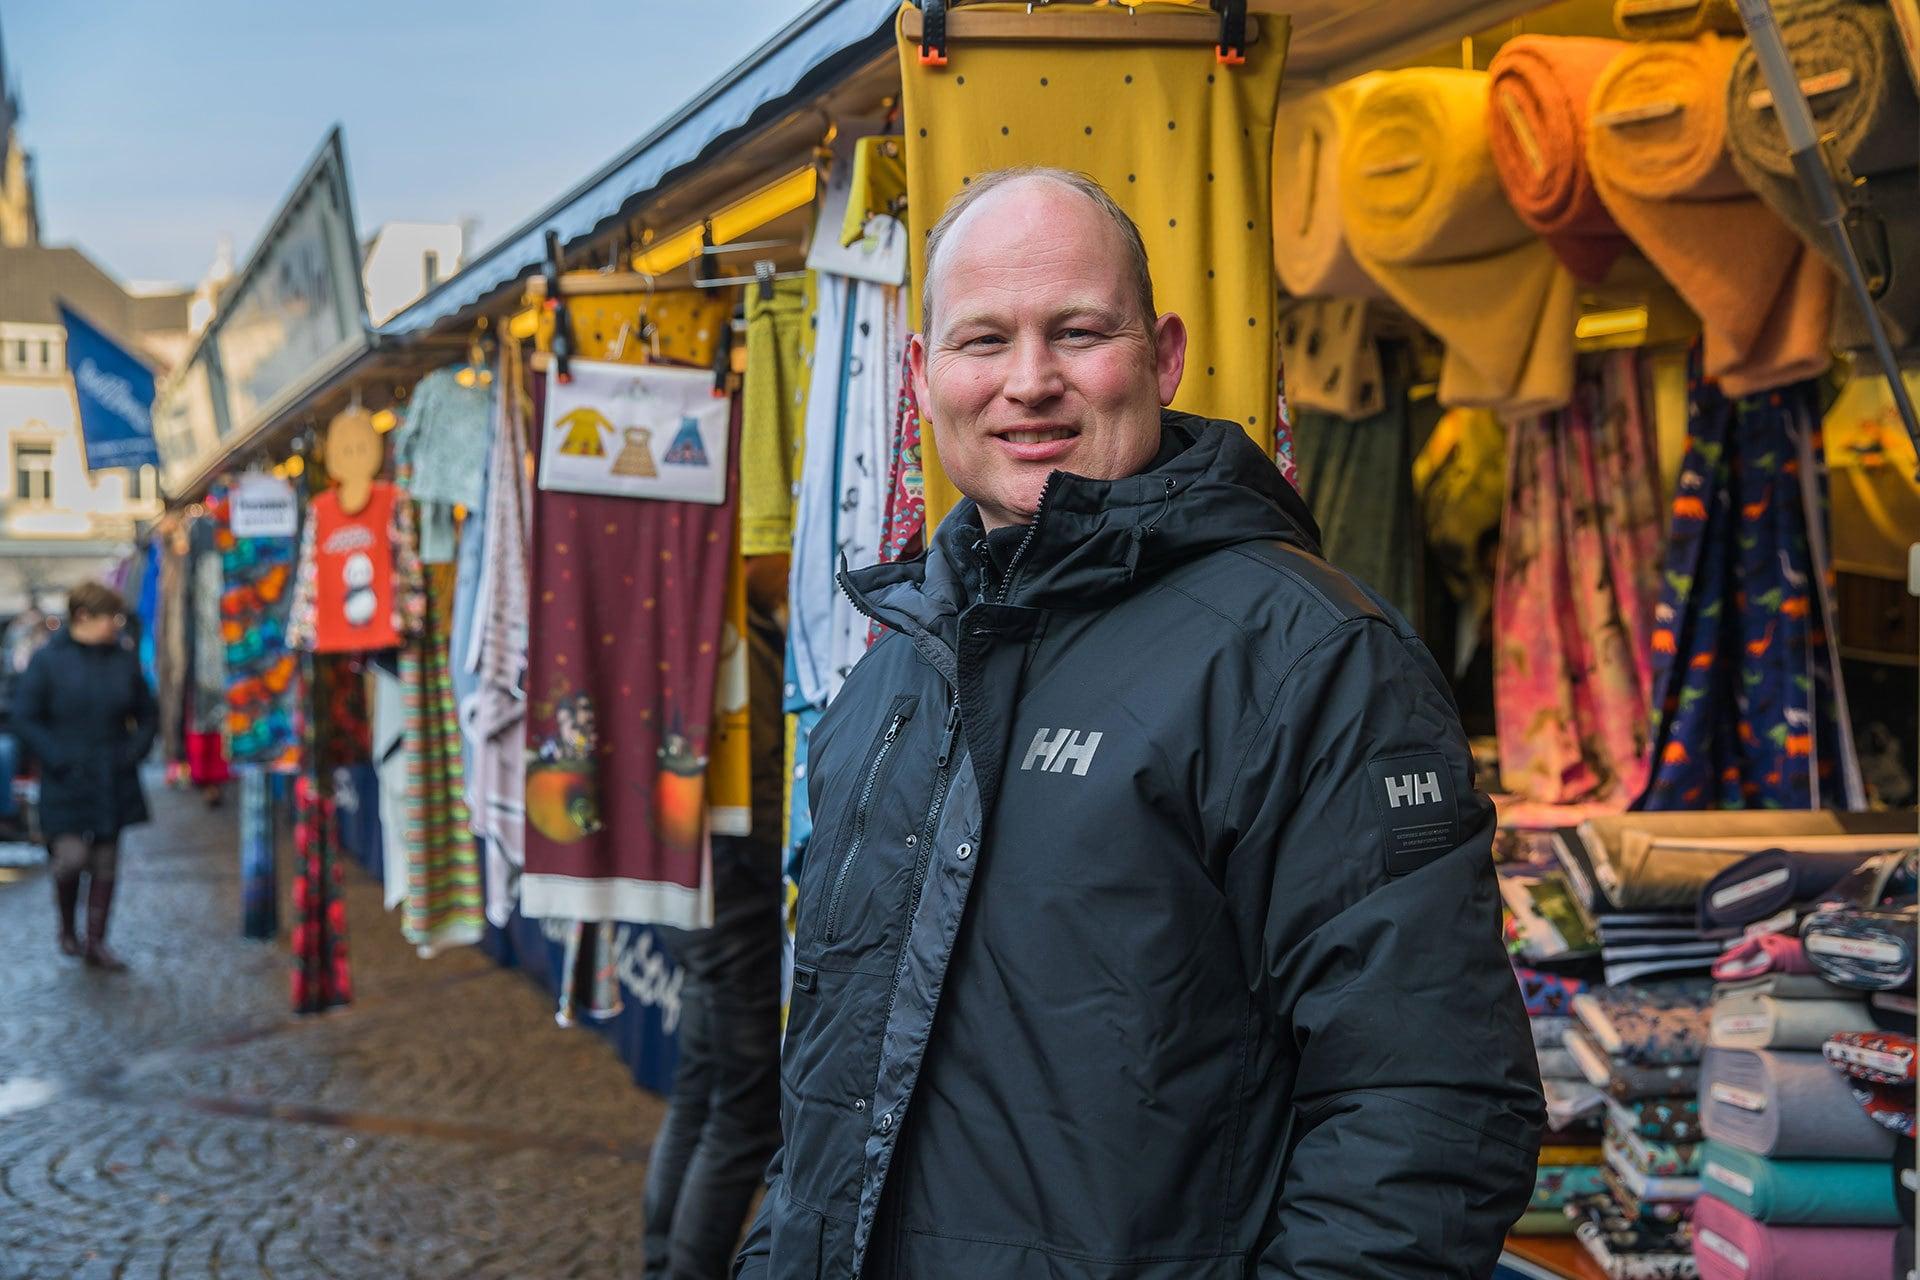 2019 12 Donderdagmarkt Sittard Interviews Klein 001